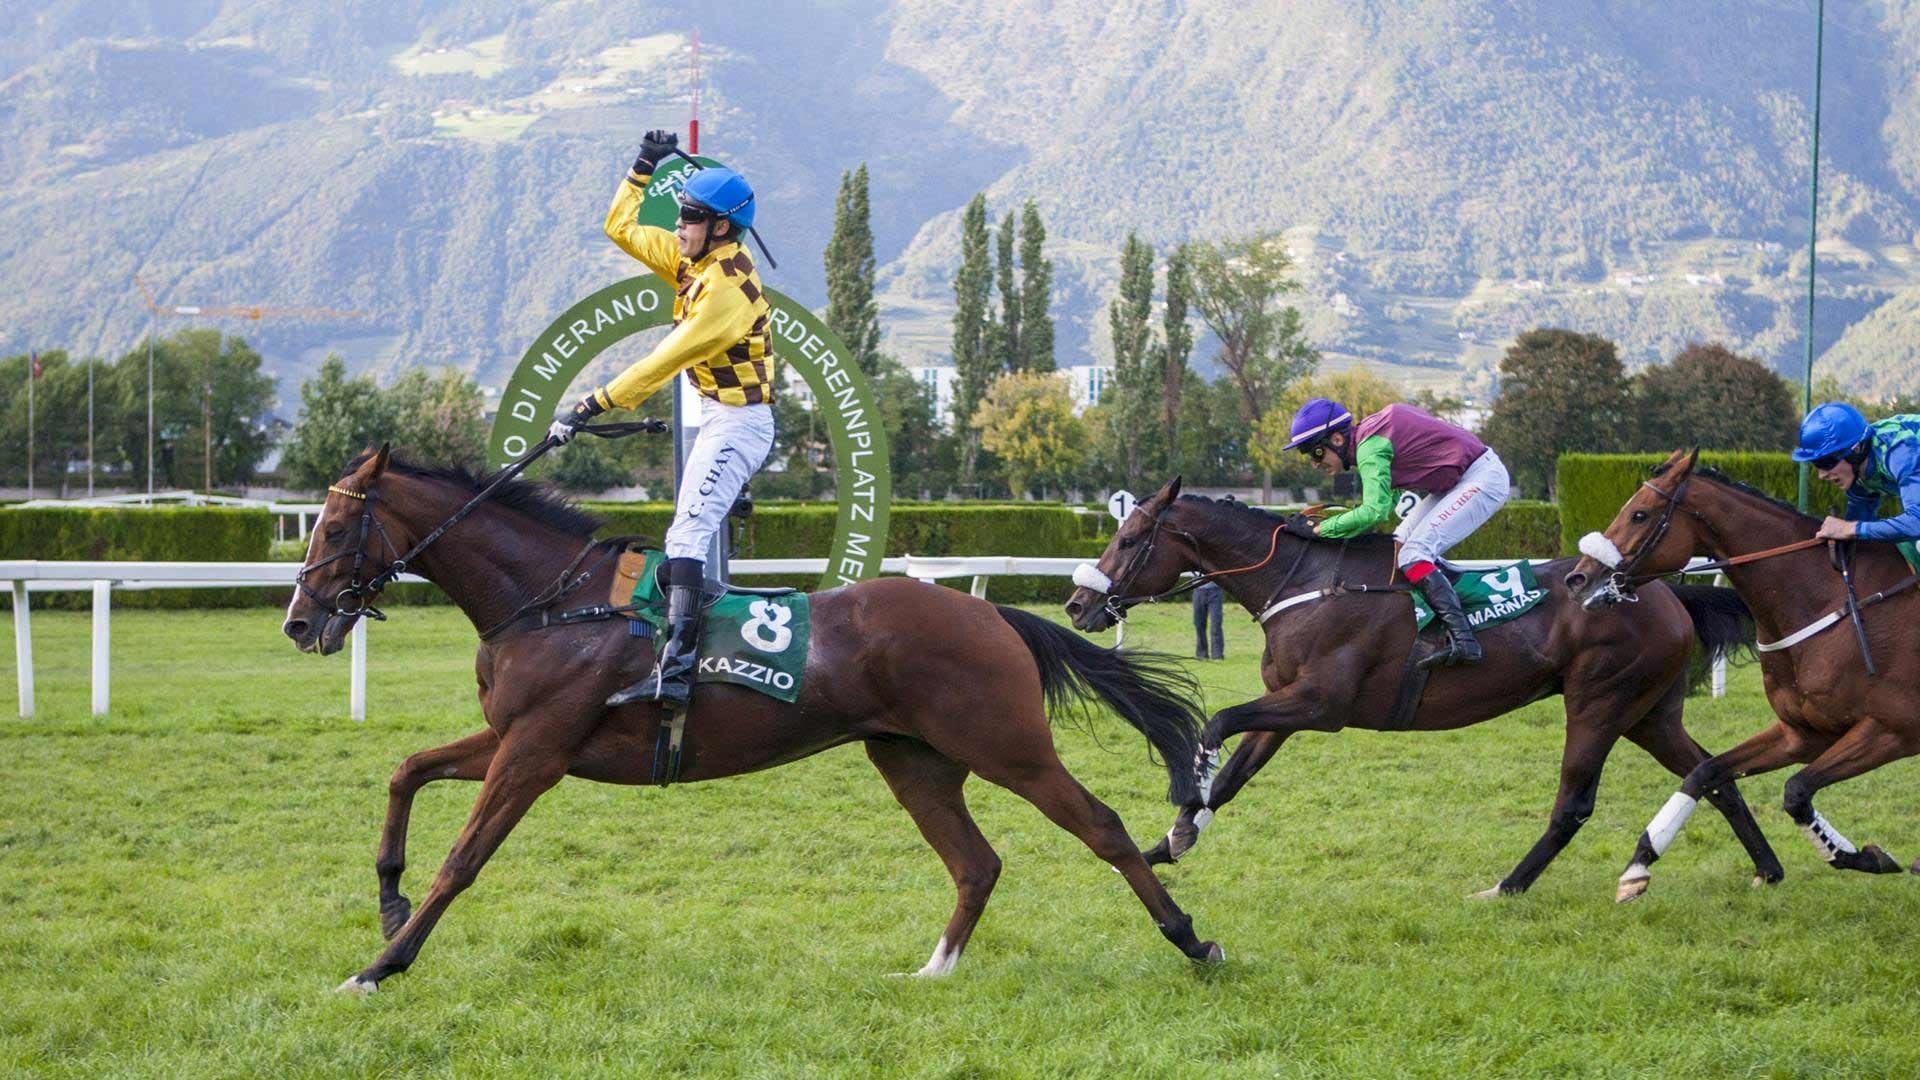 Großer Preis von Meran in Südtirol